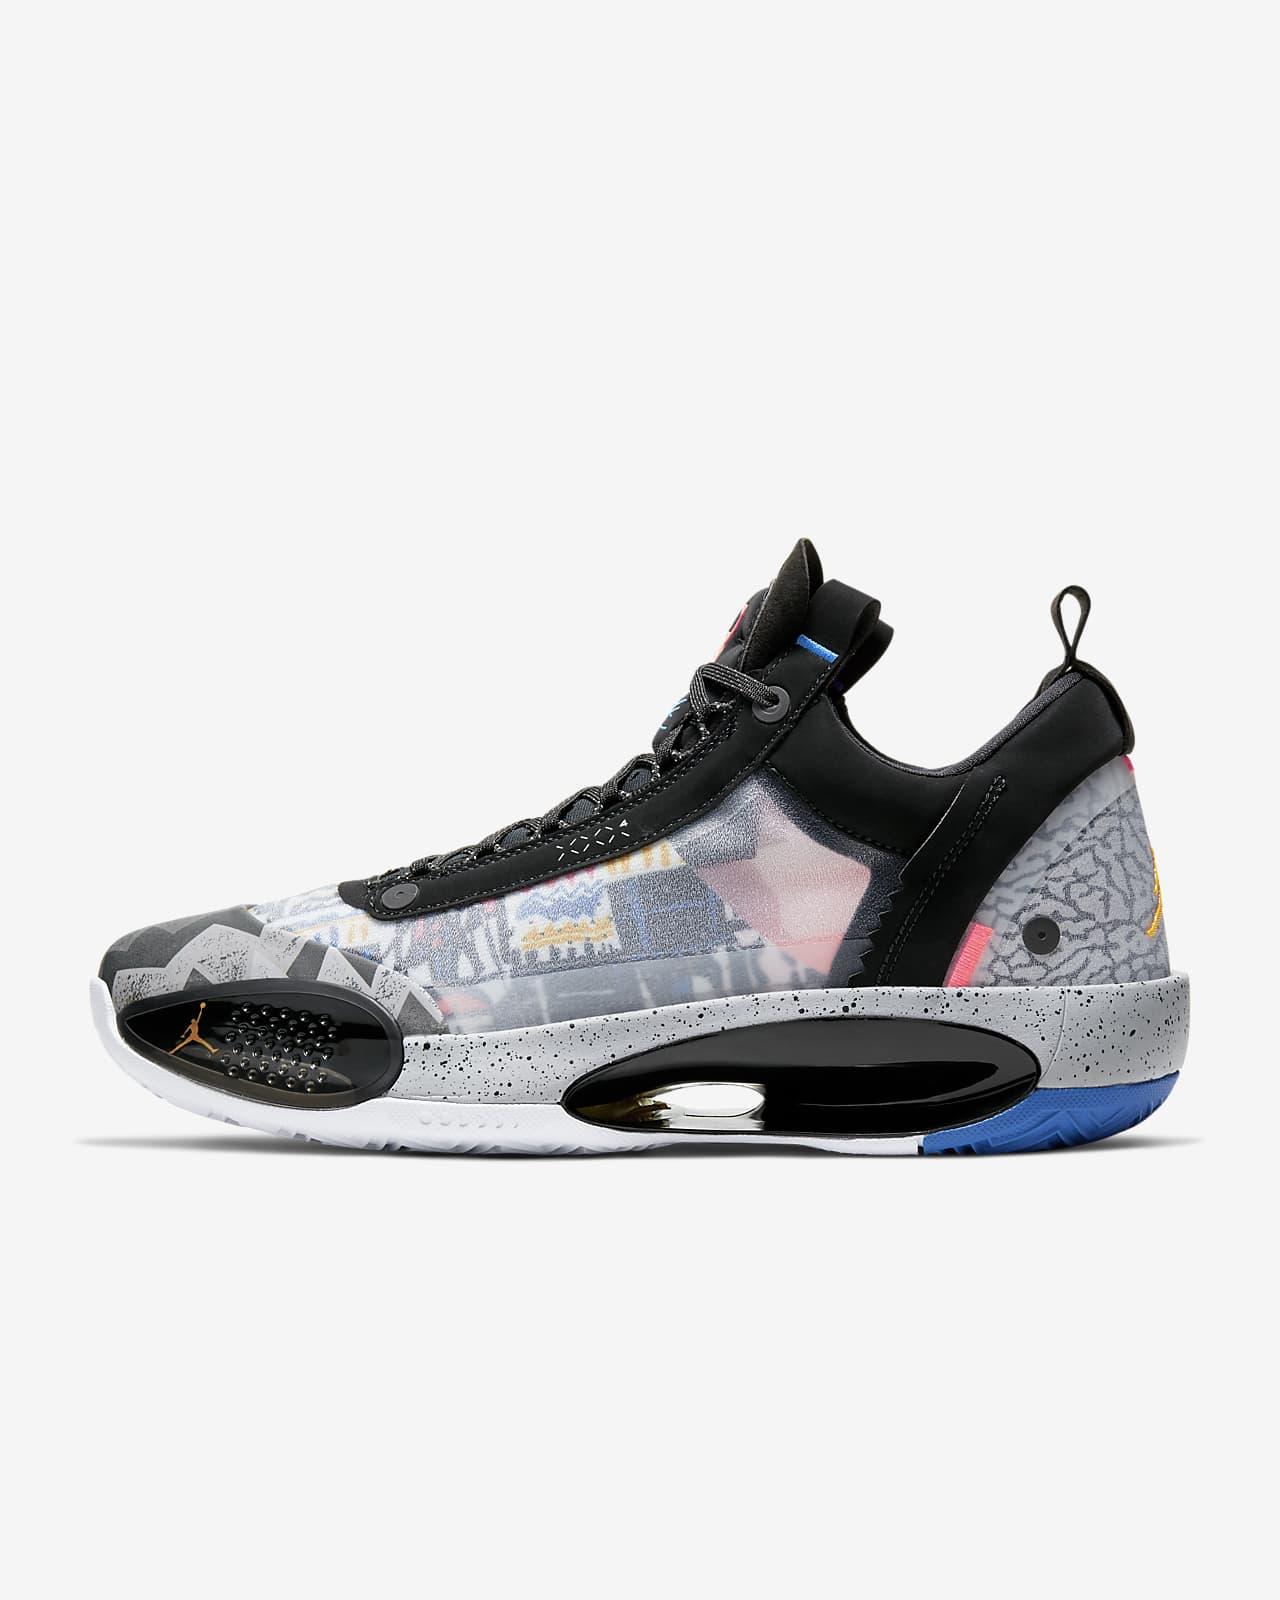 รองเท้าบาสเก็ตบอล Air Jordan XXXIV Low PF